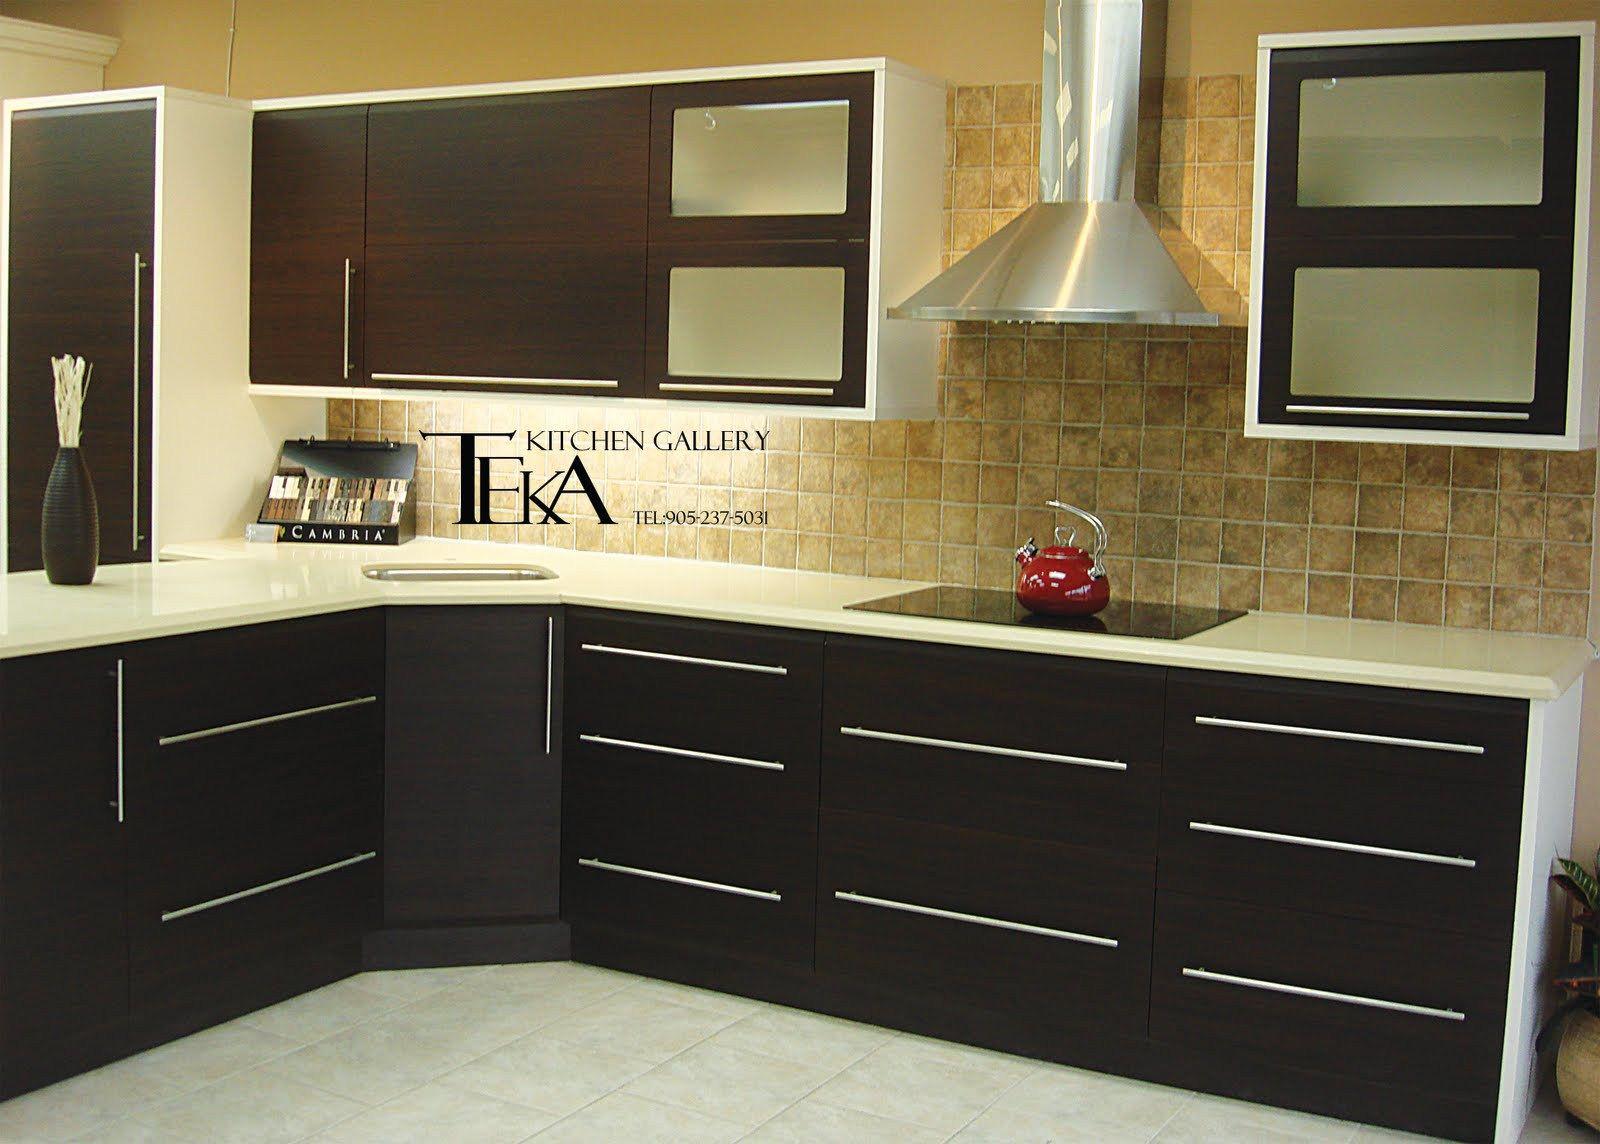 gallery classy simple kitchen design ideas kitchen